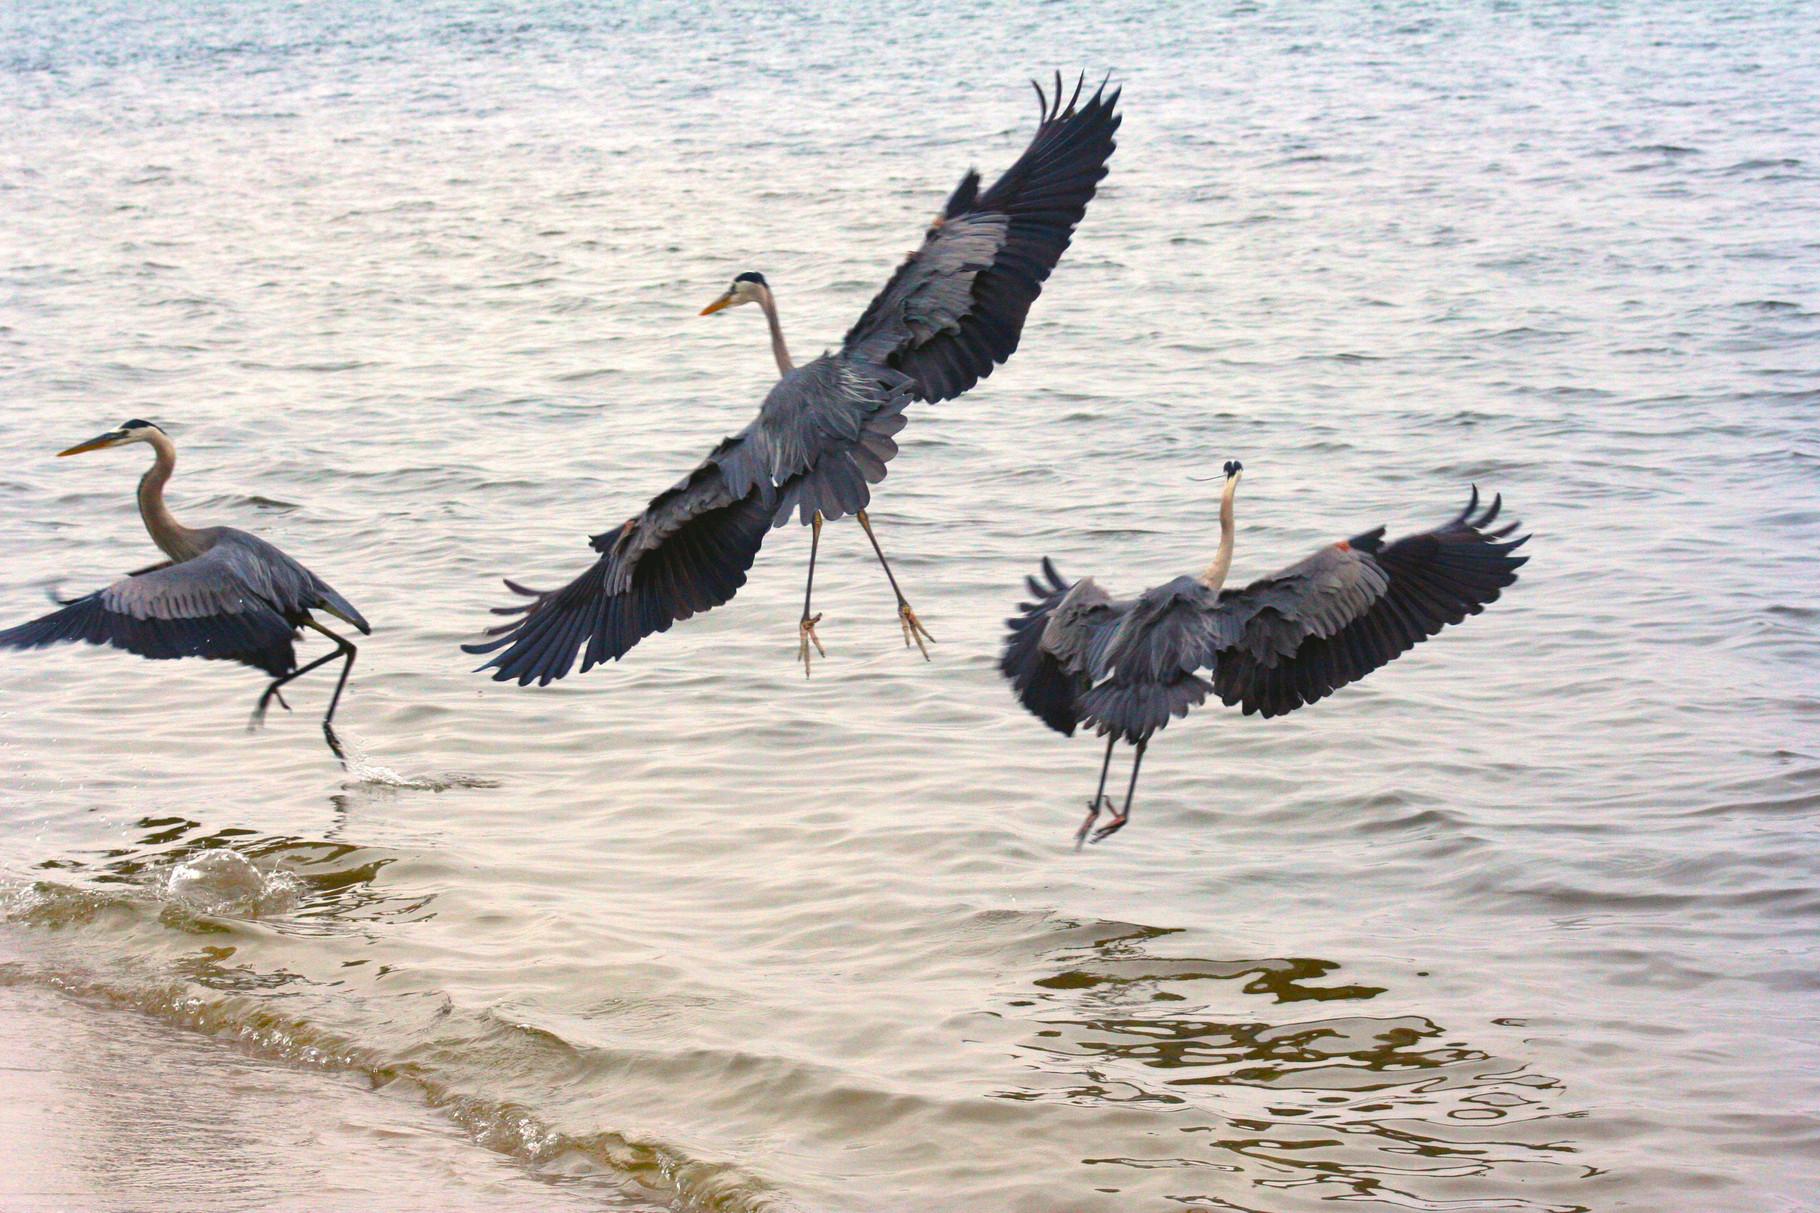 05_Graureiher (great blue herons) in Fort Walton Beach in Florida